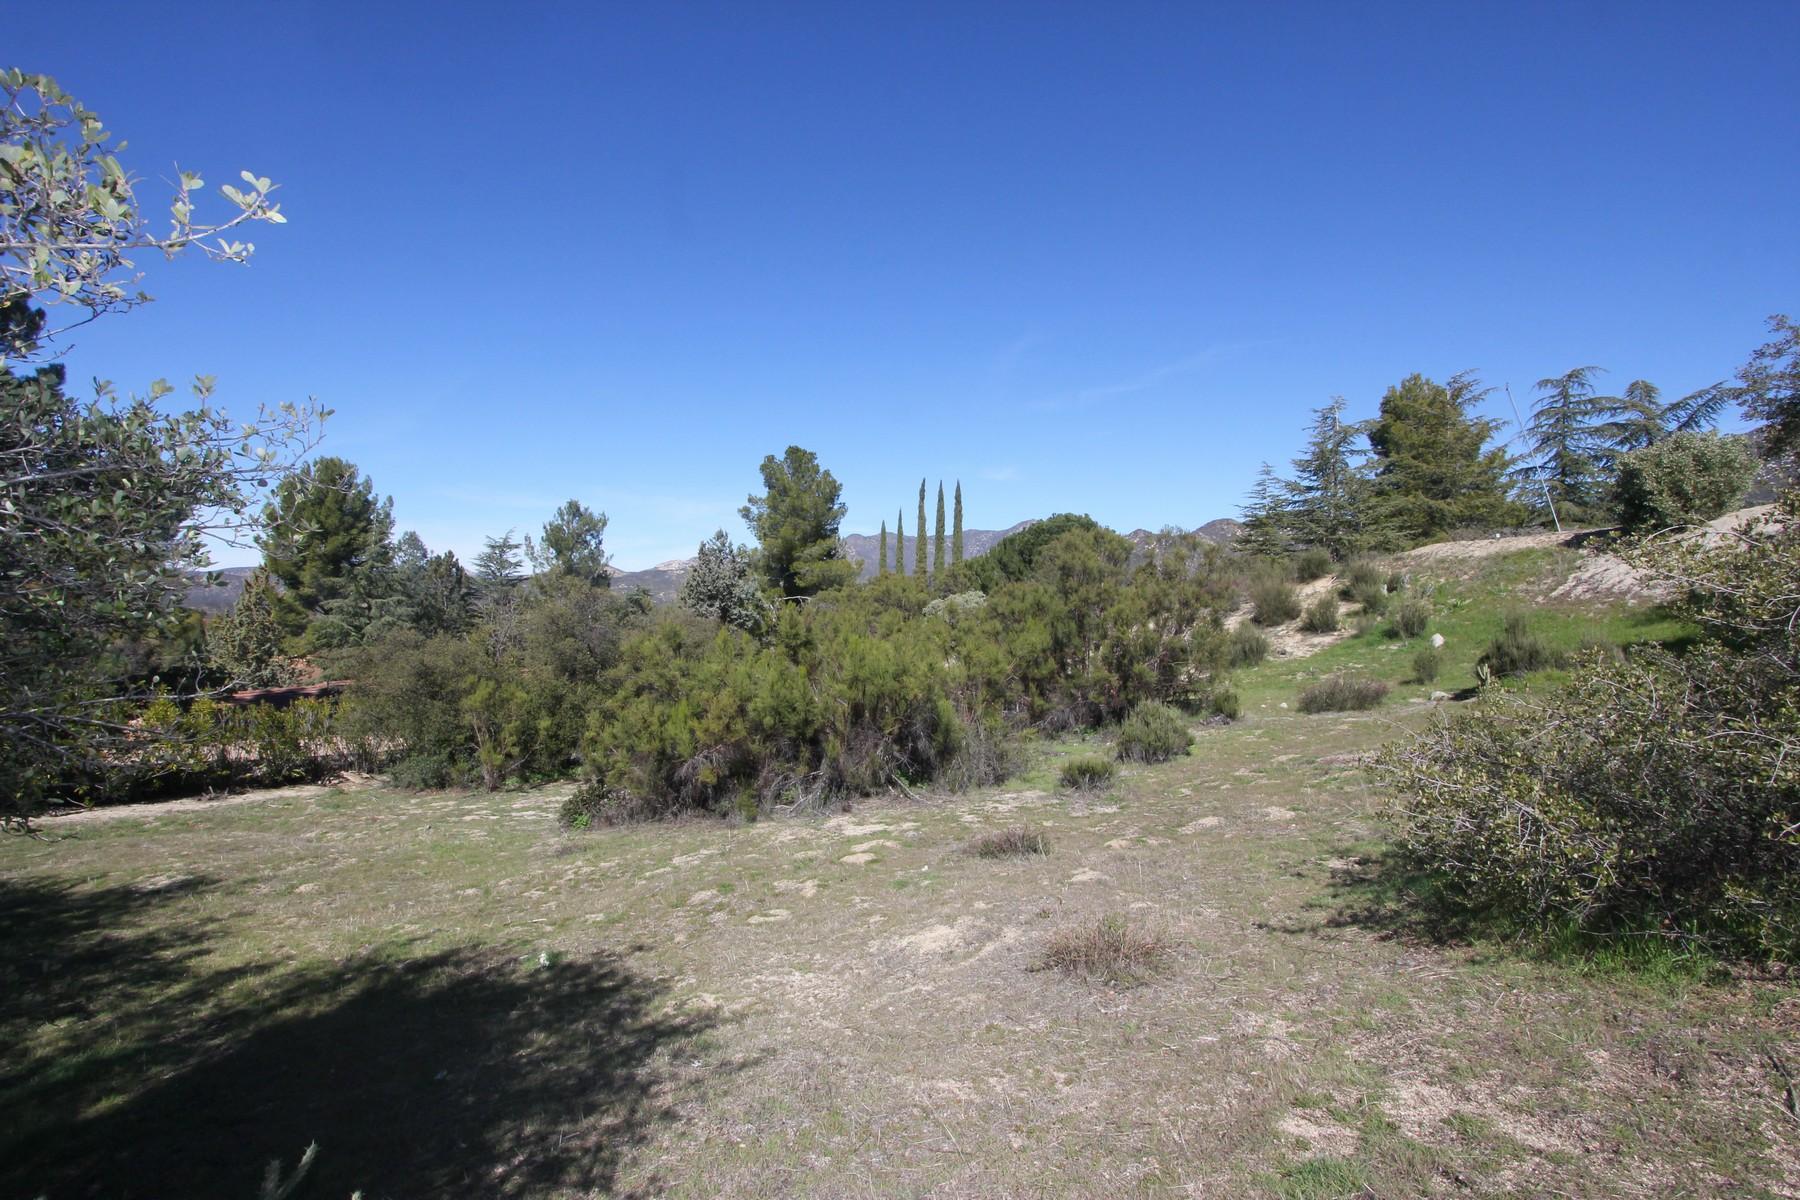 Terreno per Vendita alle ore 31310 Camino Chico Warner Springs, California, 92086 Stati Uniti